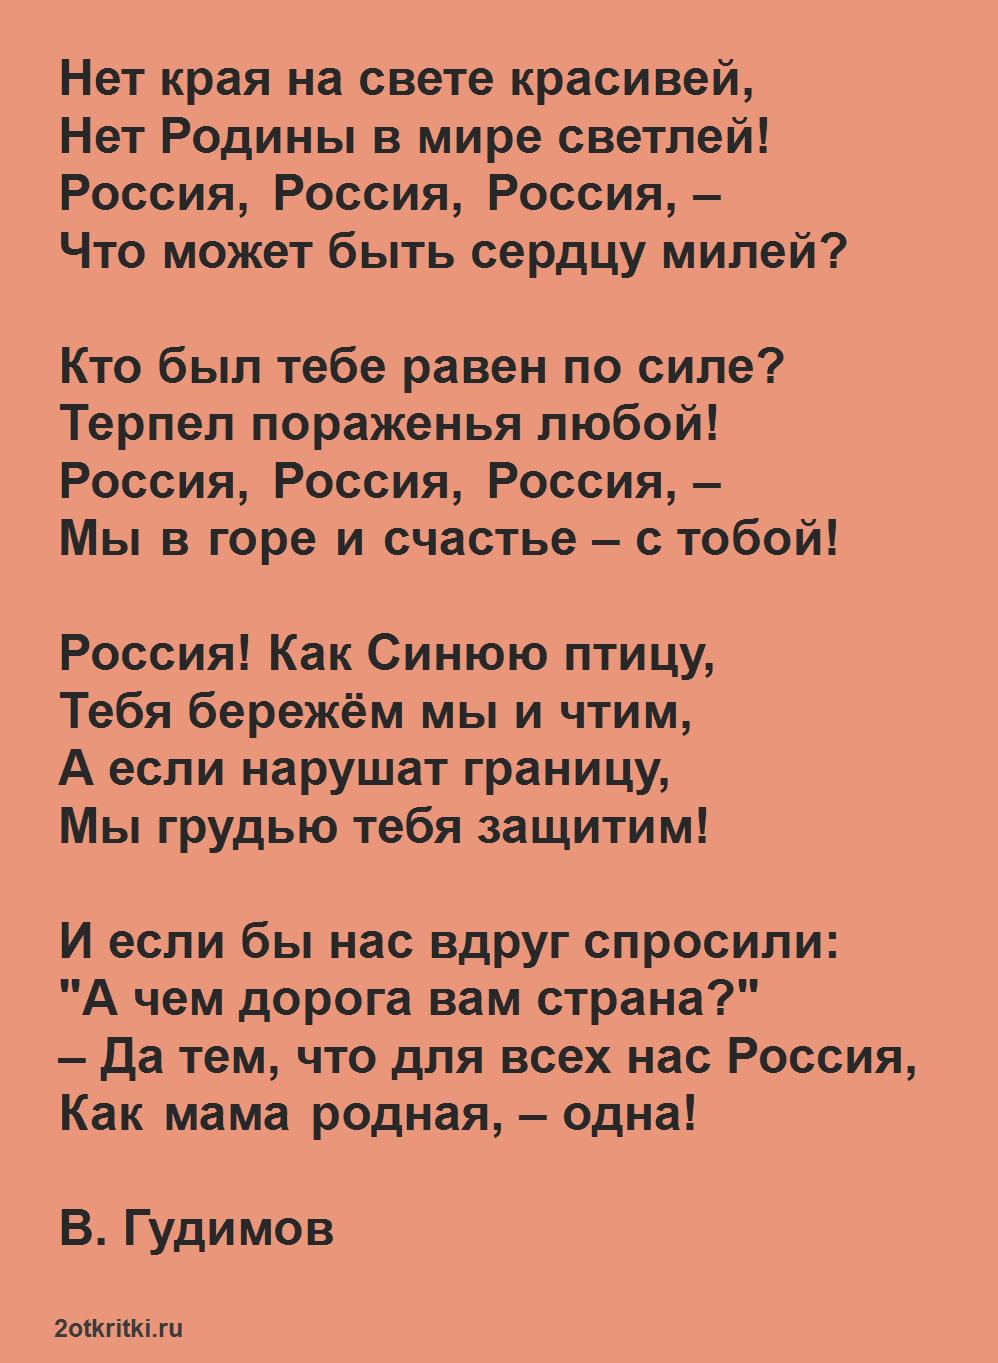 С днем России прикольные стихи - Нет края на свете красивей